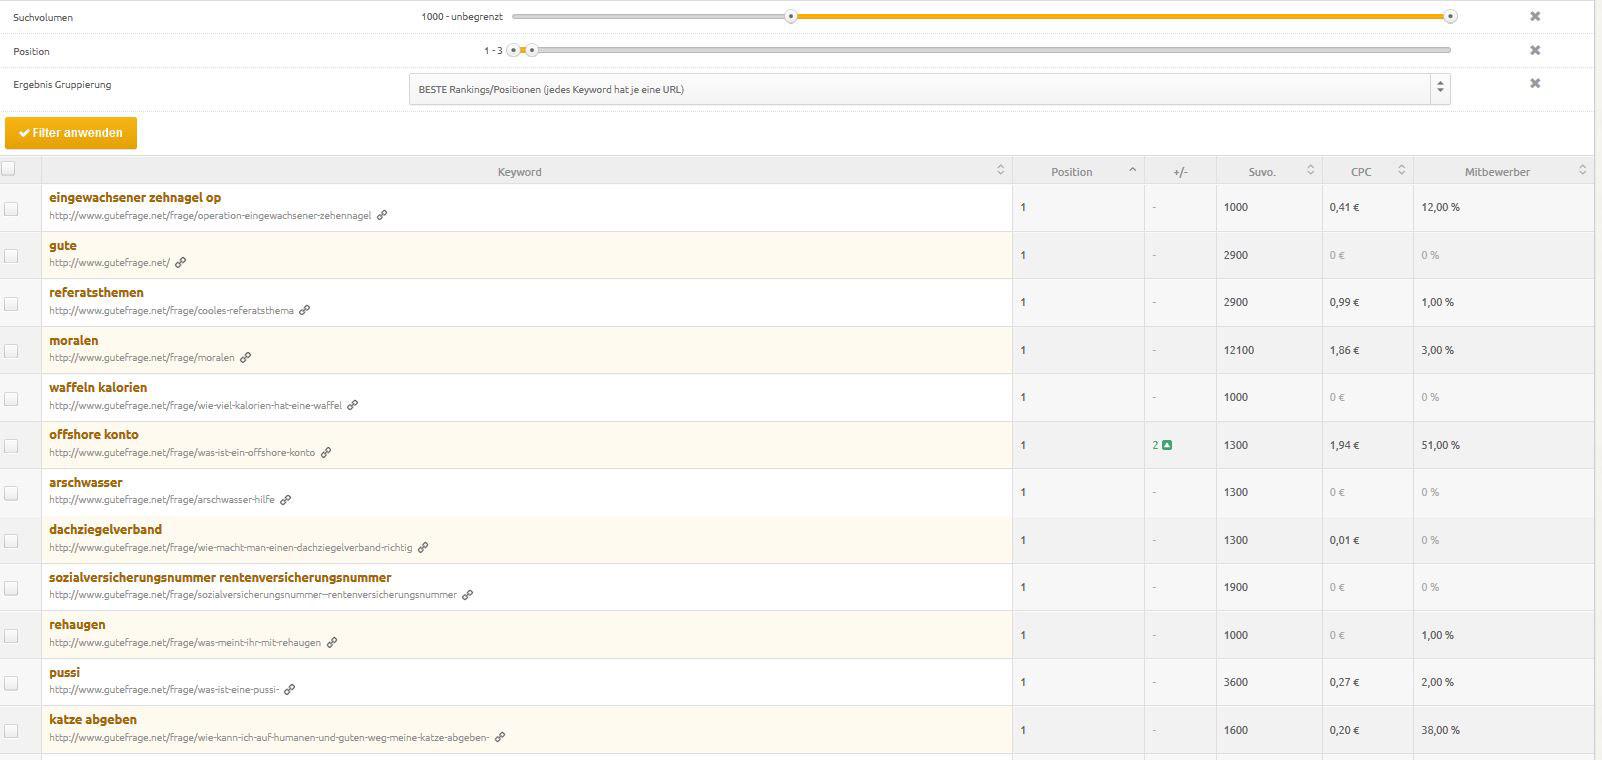 Mit SEO Tools wie Xovi könnt ihr Frageportale und andere Webseiten untersuchen und so starke Unterseiten ausfindig machen